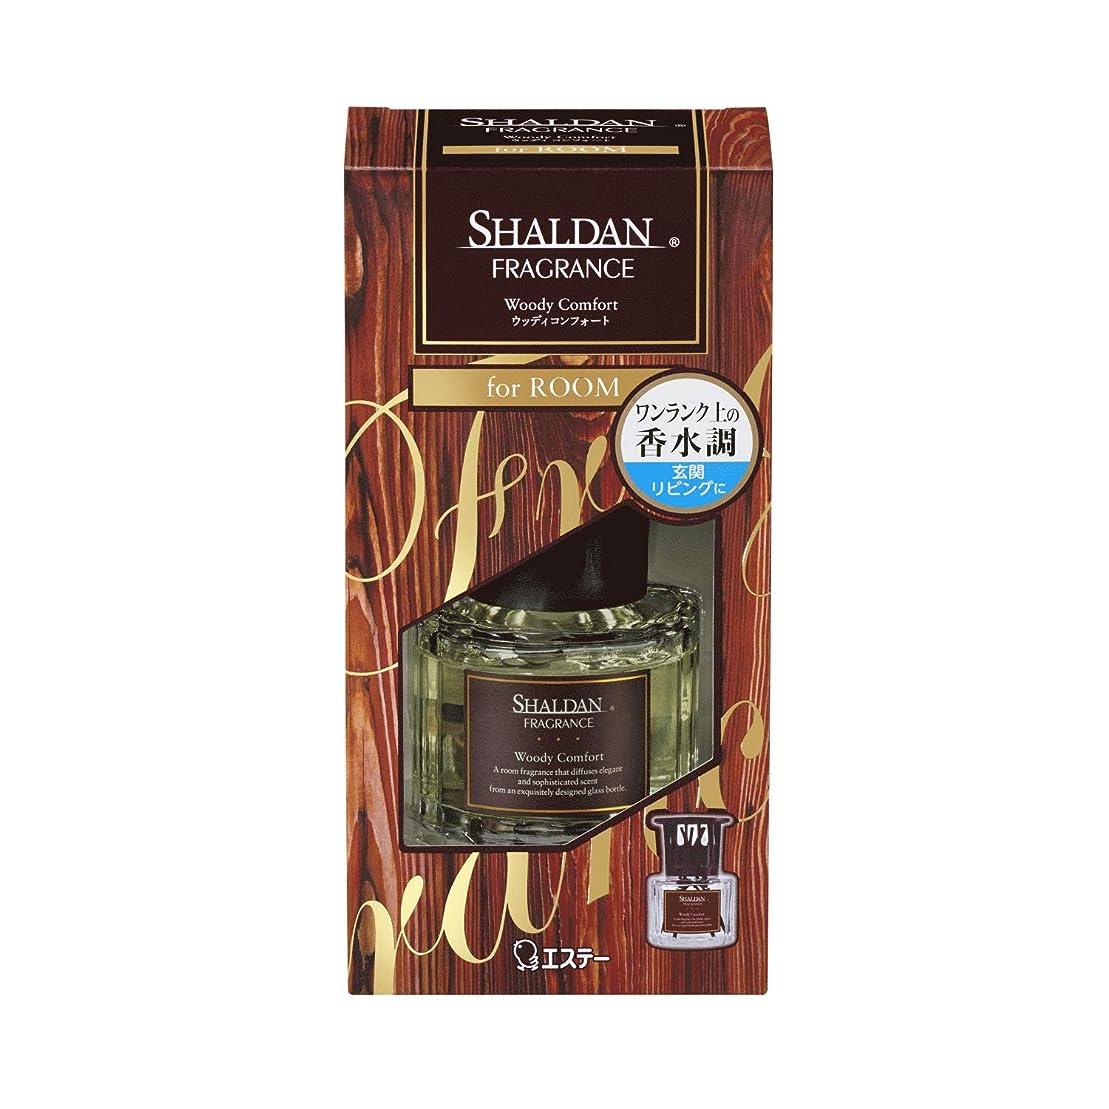 多用途みぞれ食欲シャルダン SHALDAN フレグランス for ROOM 芳香剤 部屋用 本体 ウッディコンフォート 65mL